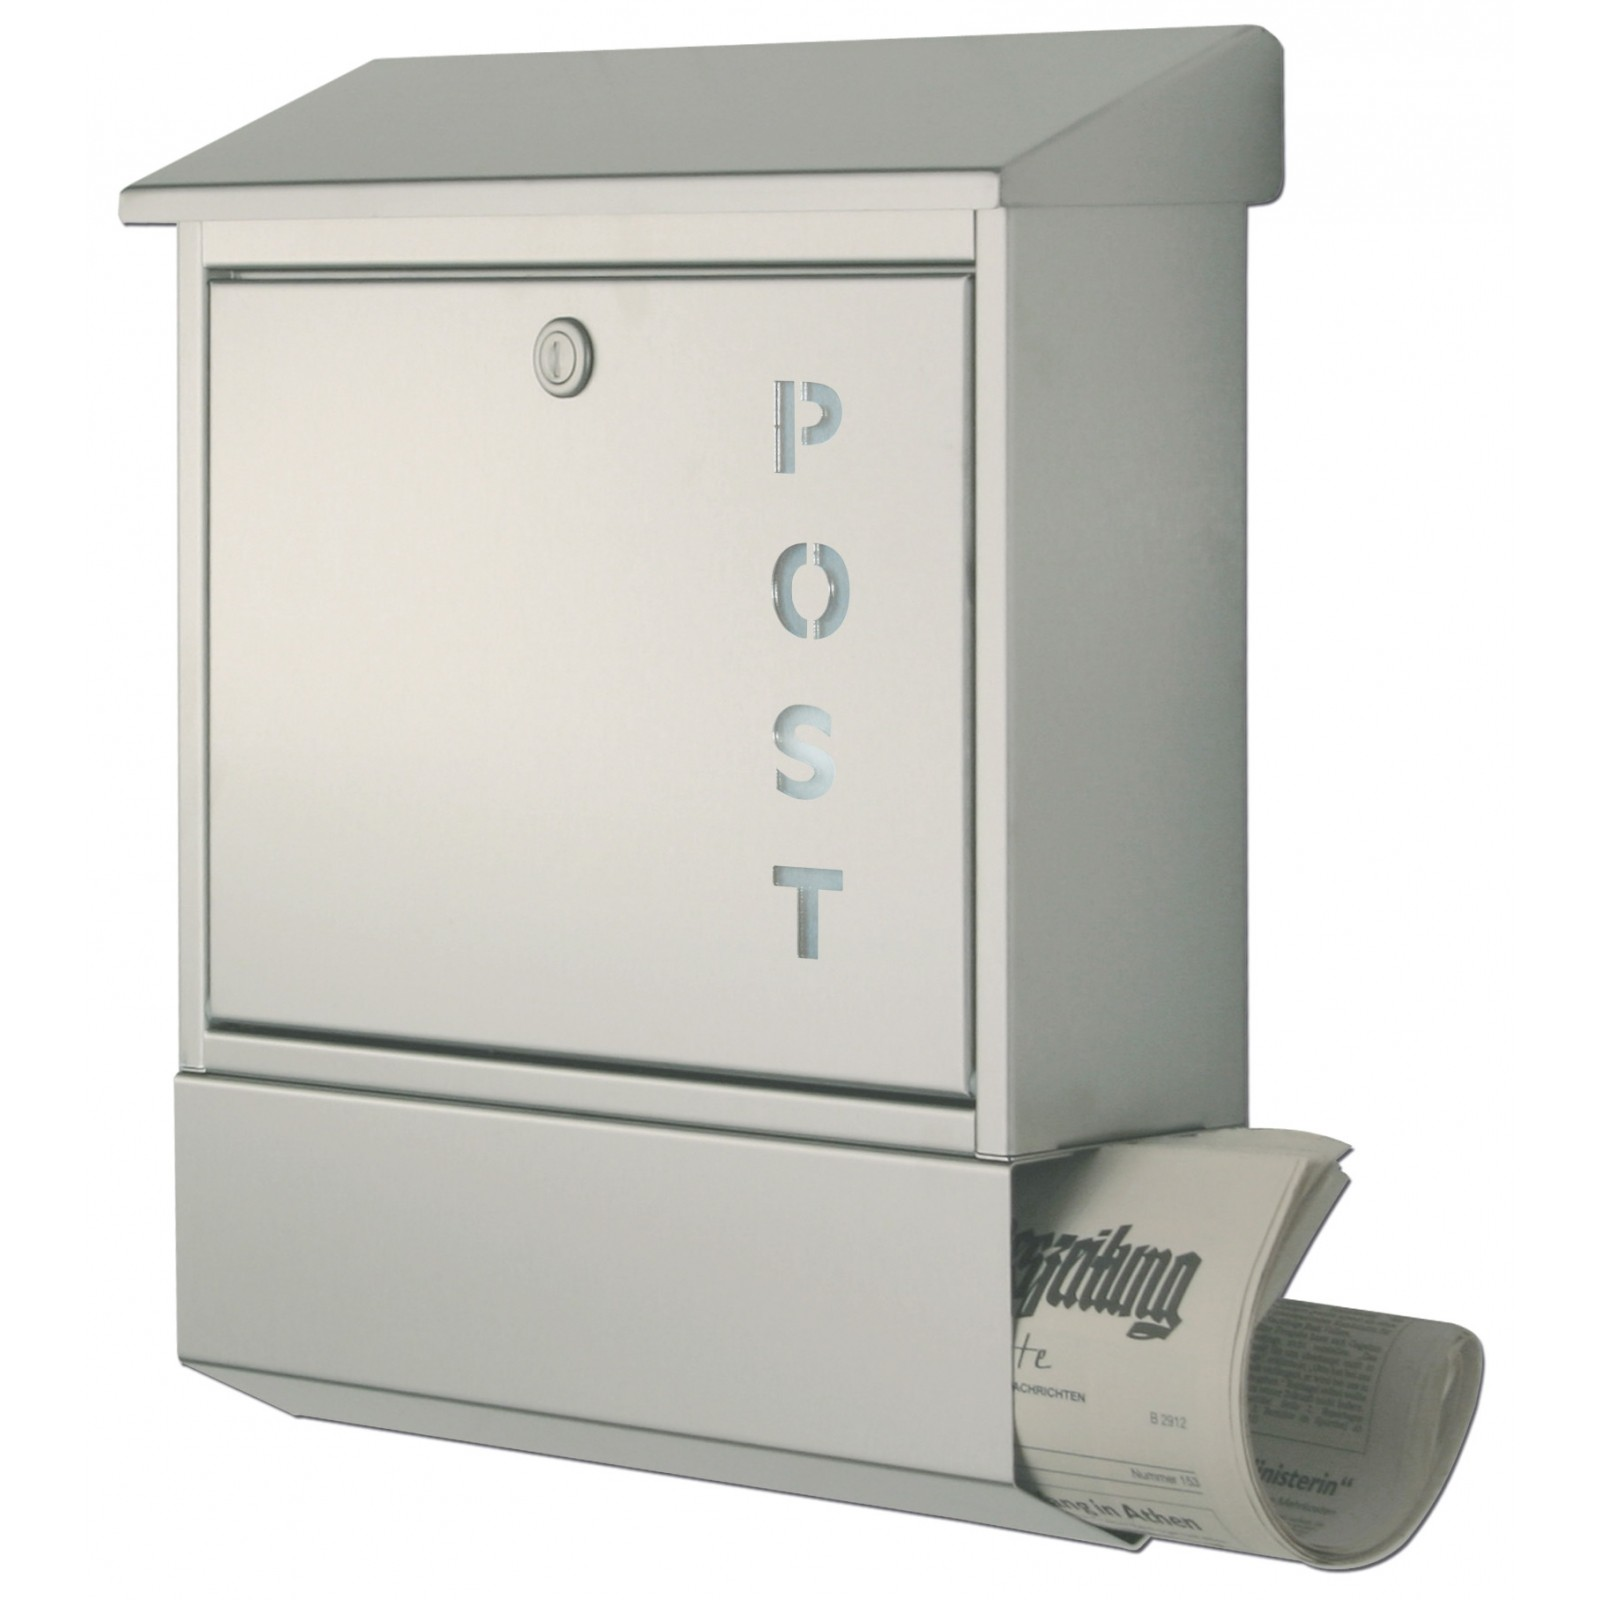 boite aux lettres best boite aux lettres with boite aux. Black Bedroom Furniture Sets. Home Design Ideas